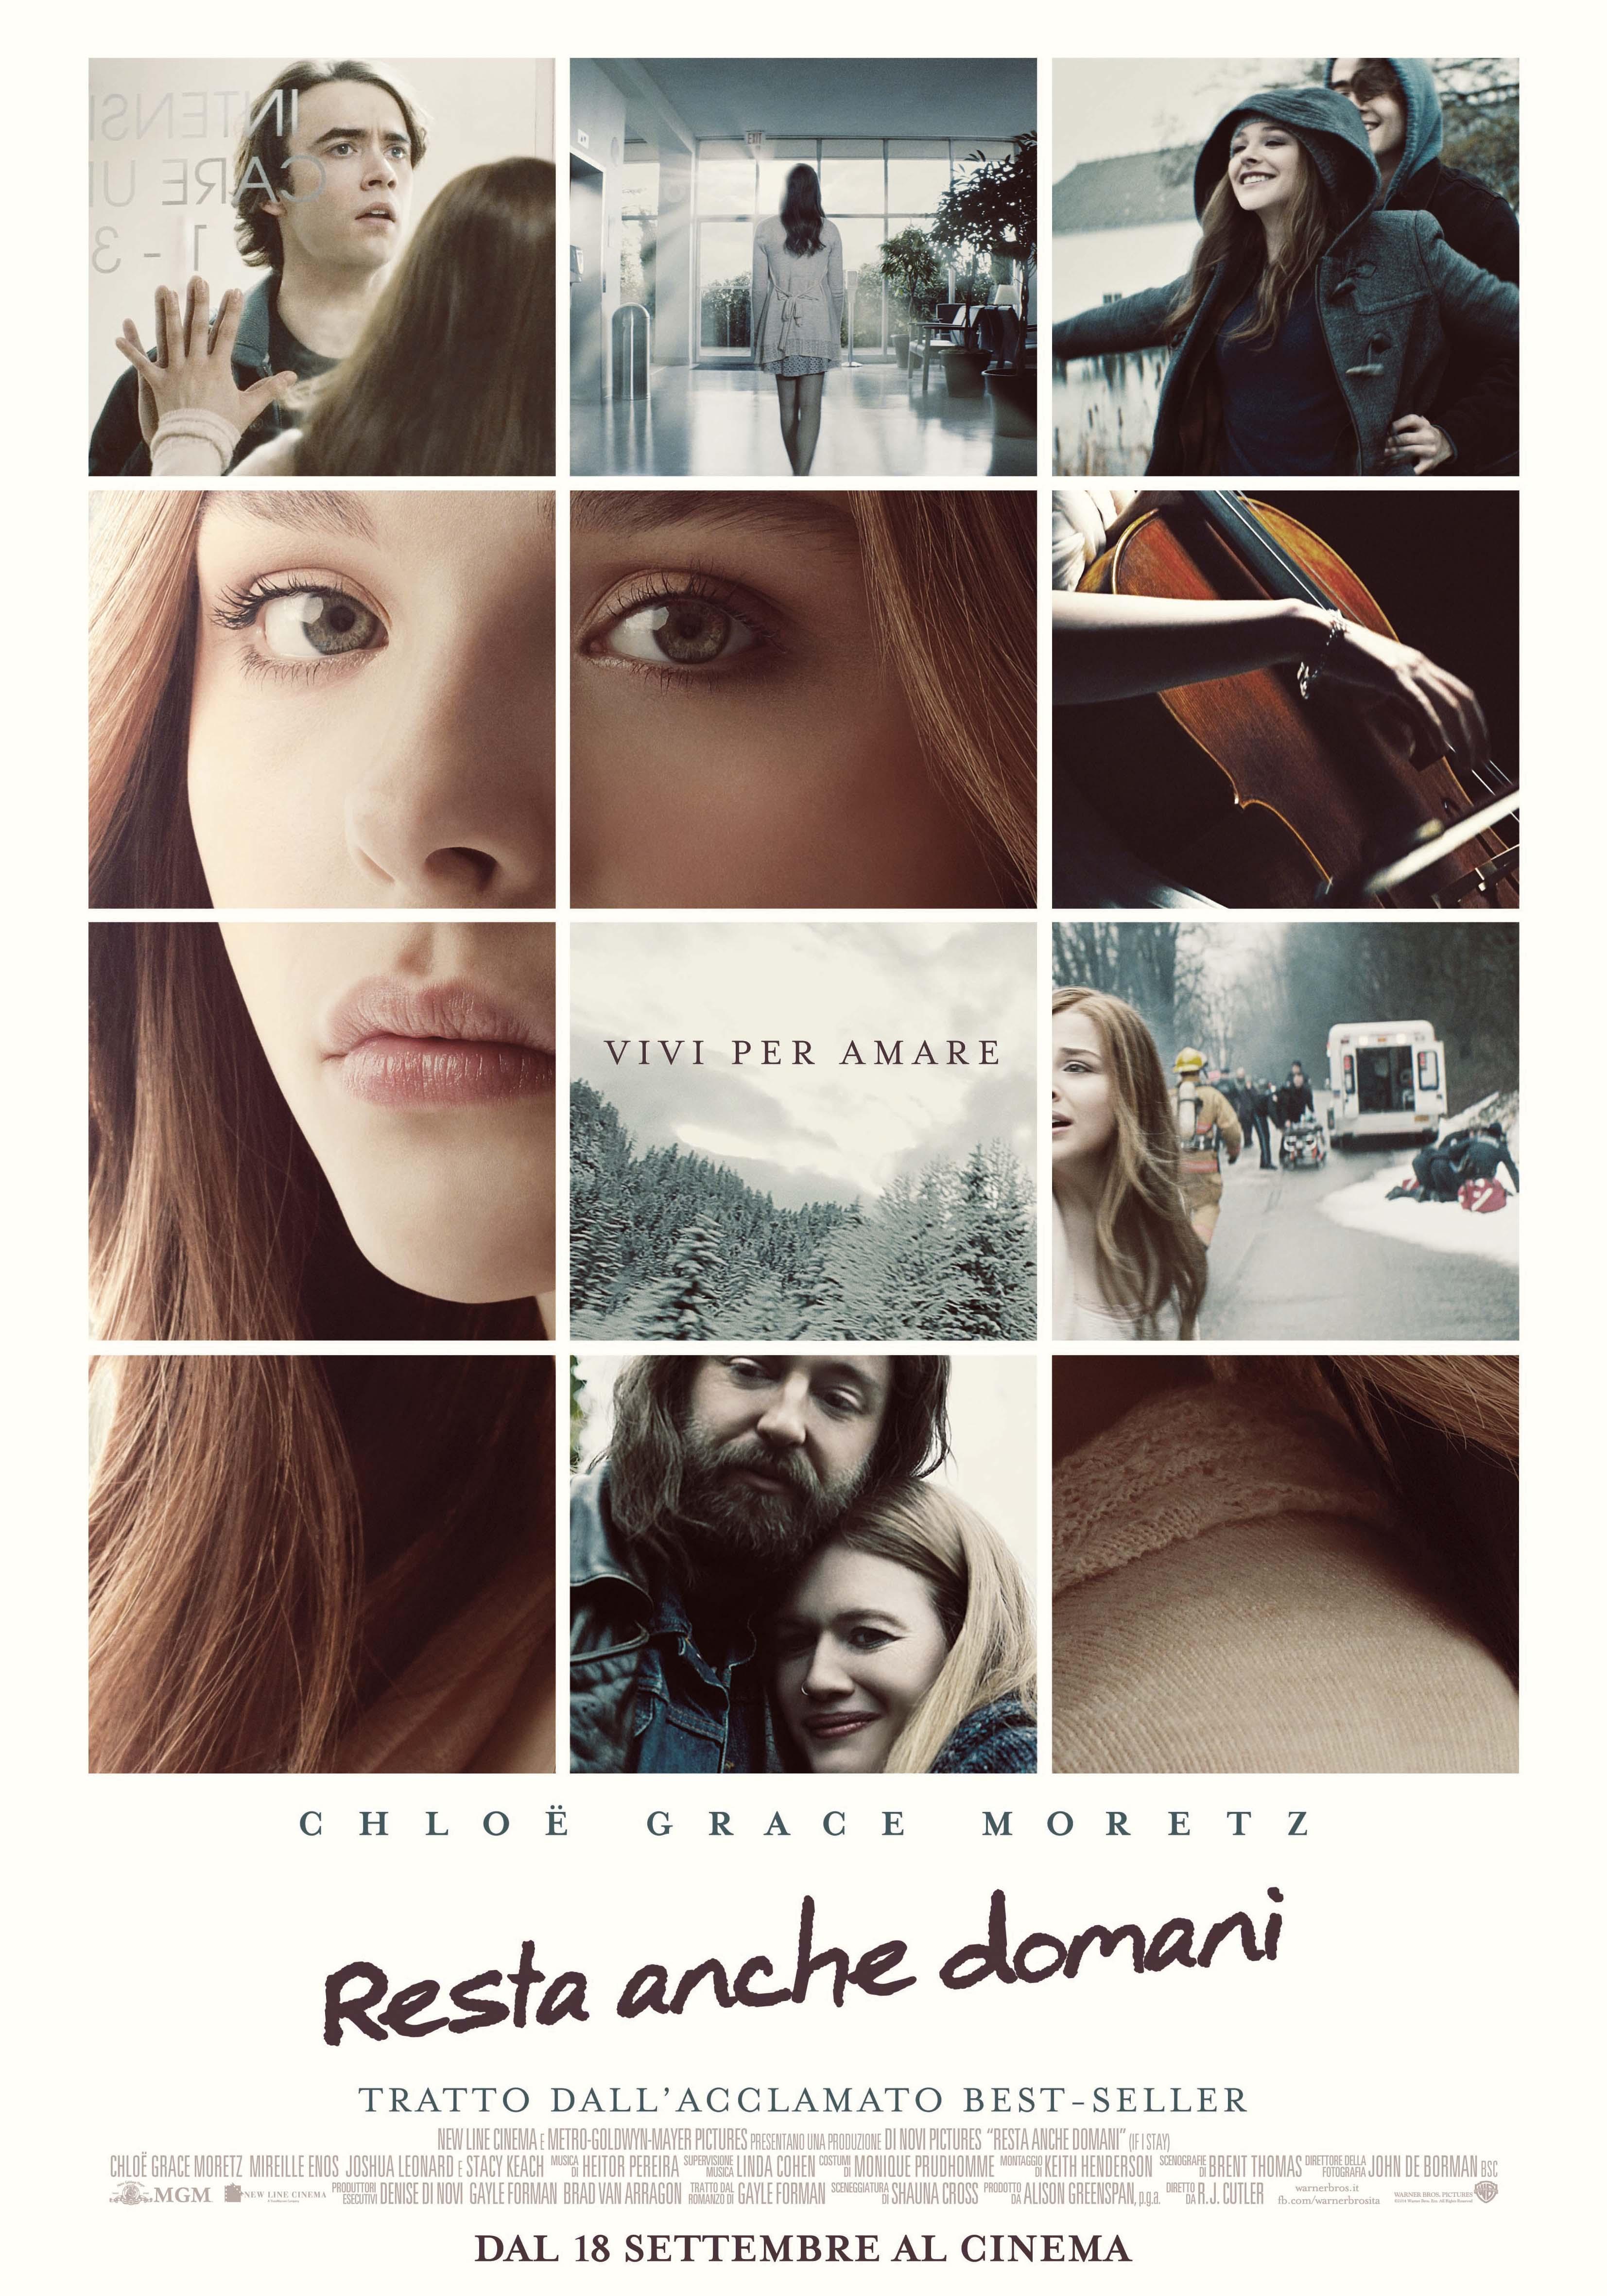 Cosa vedere al cinema? I film della settimana